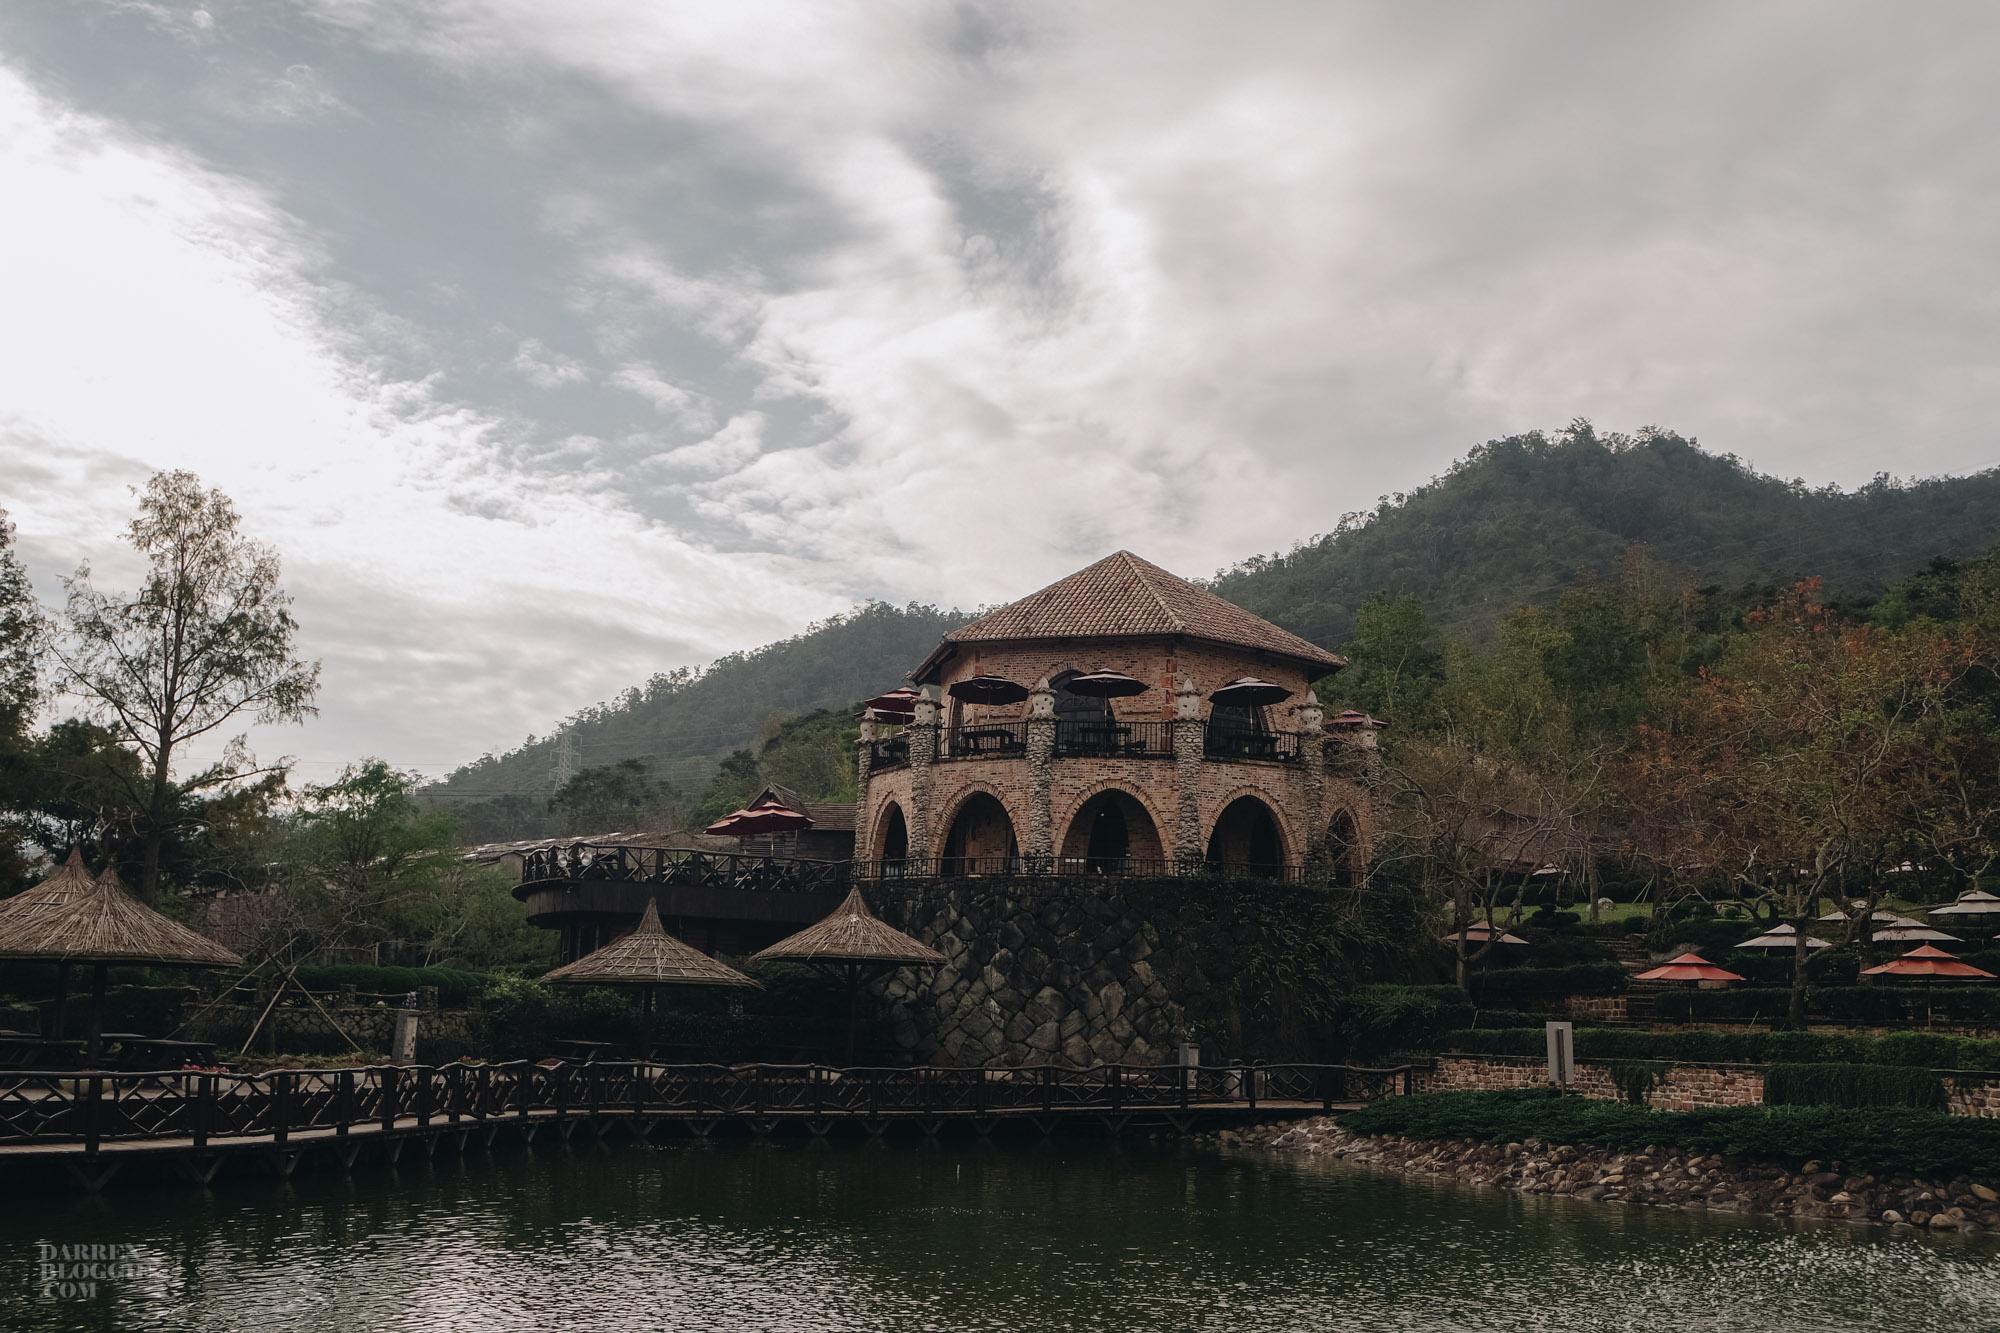 Summit Resort 新社古堡庄园